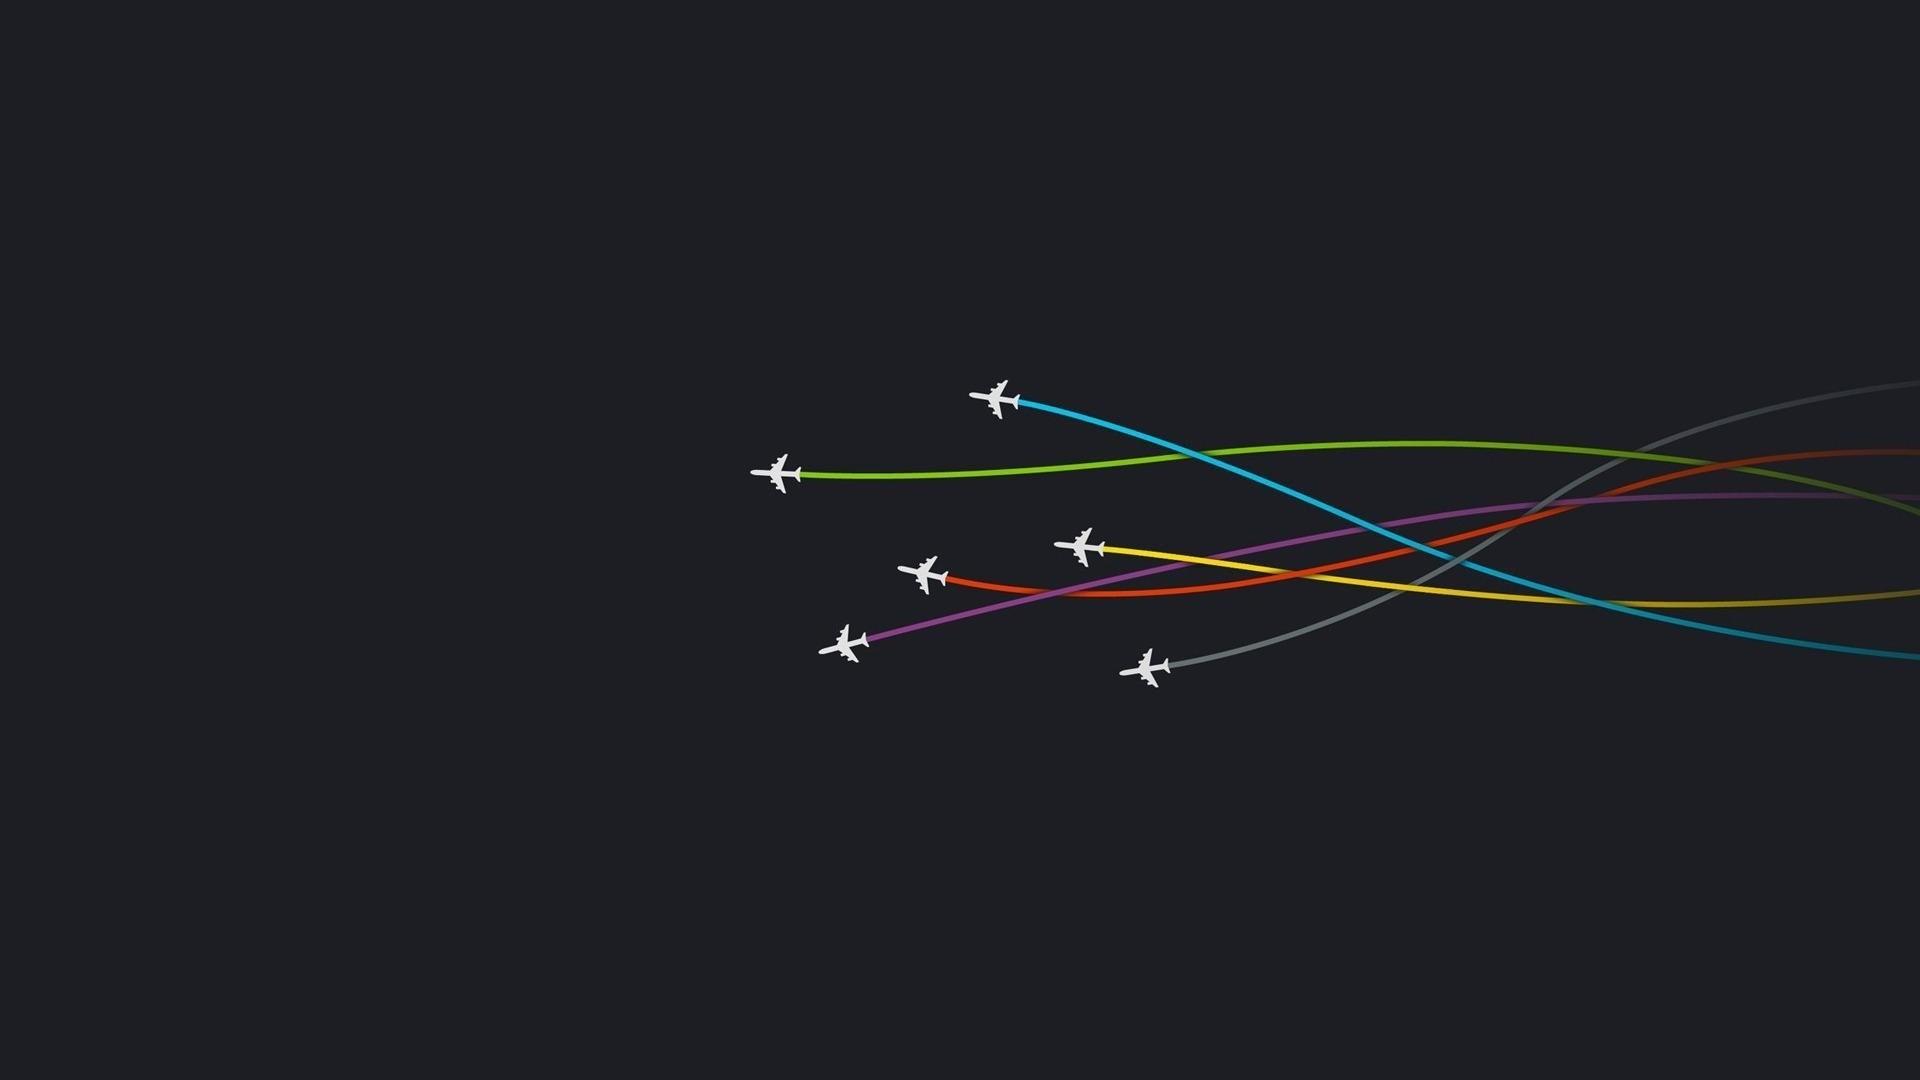 Airplane Minimalist Image